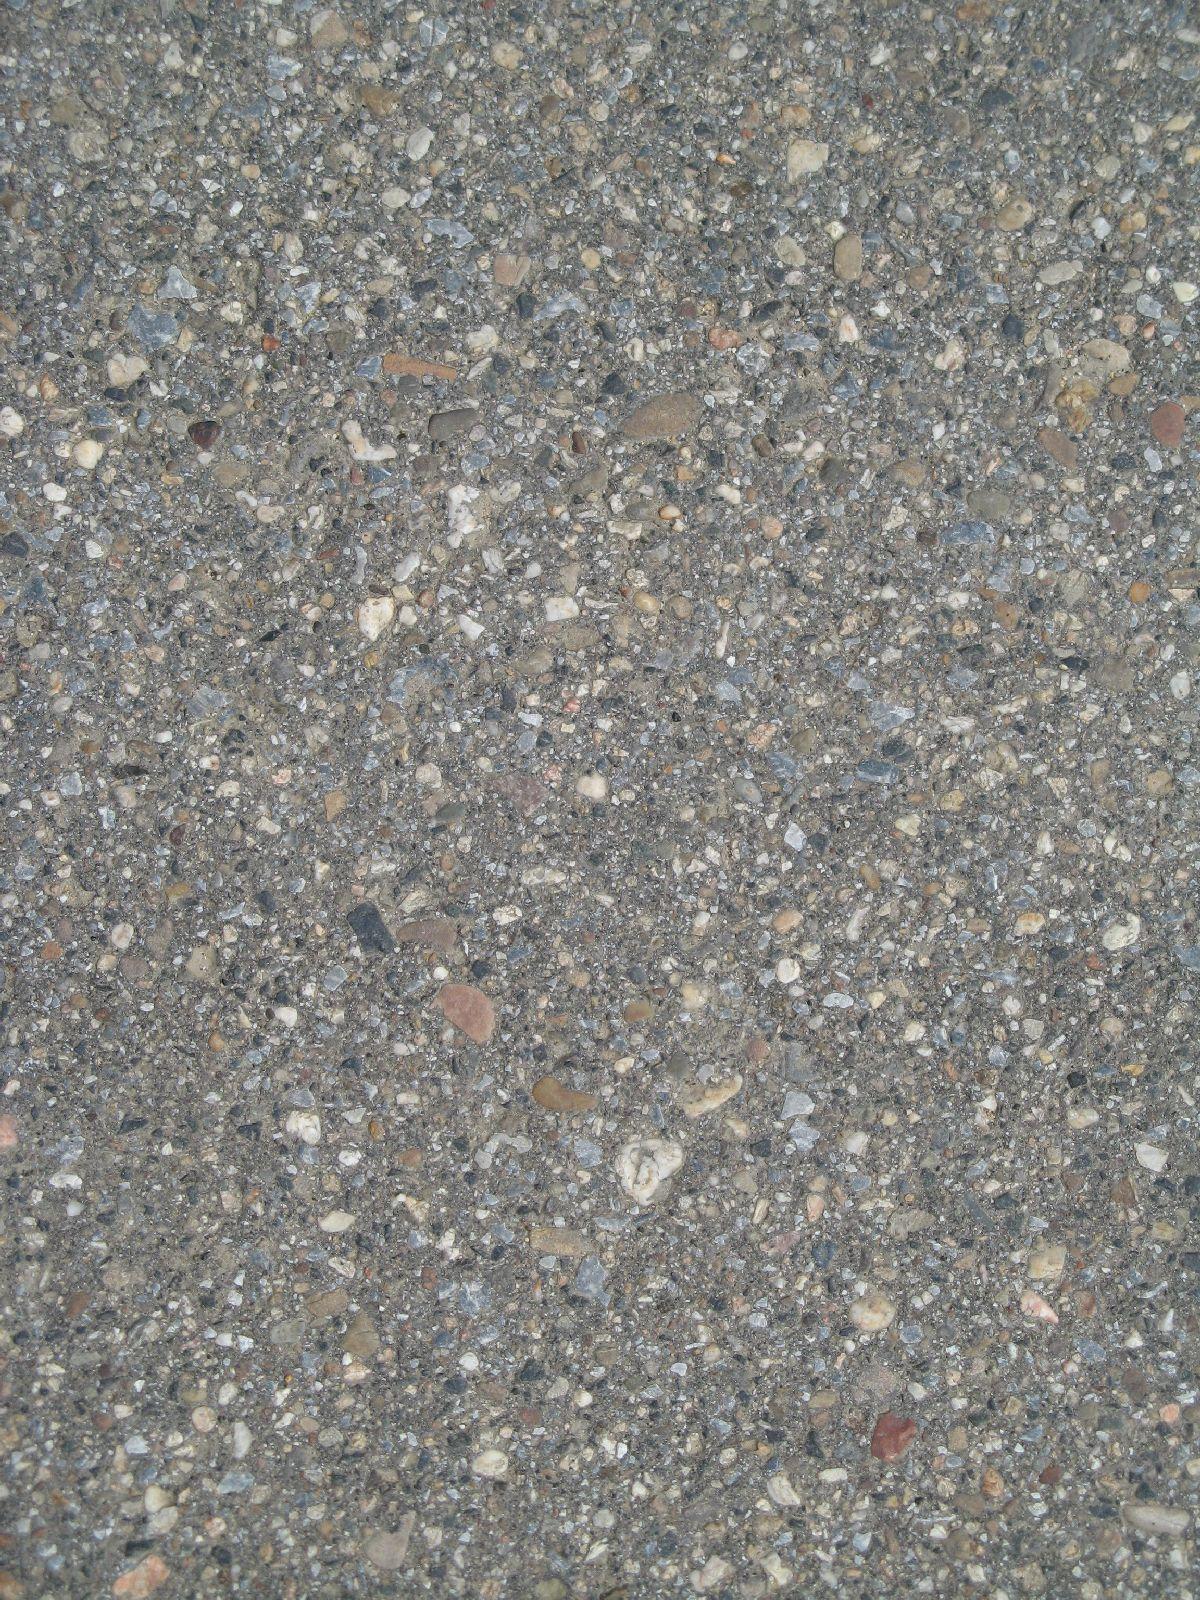 Ground-Urban_Texture_B_0199